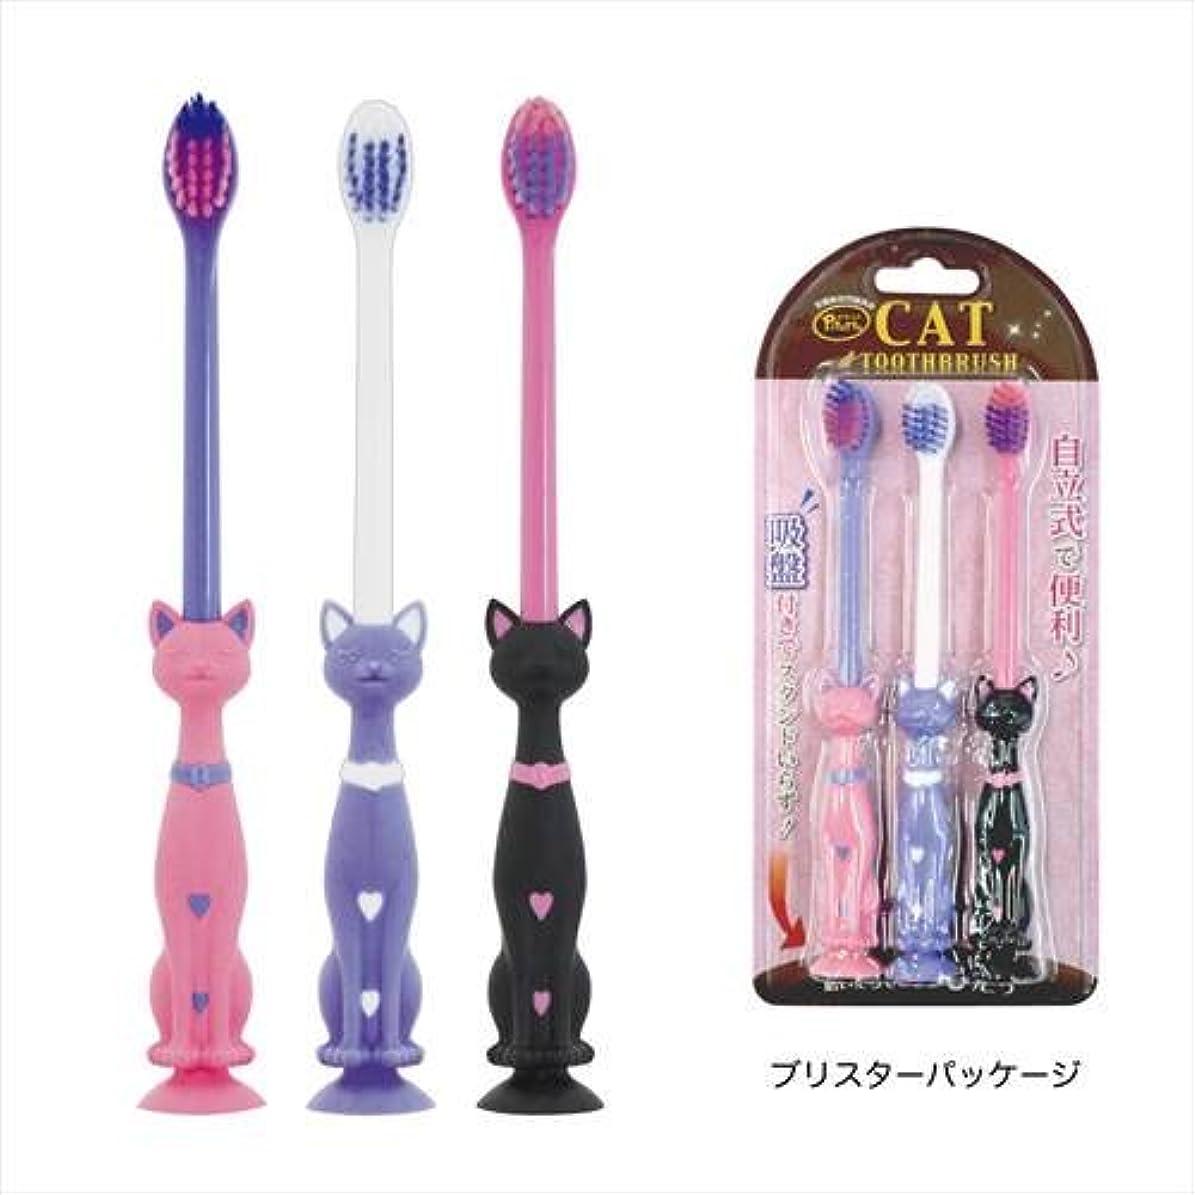 桁肌寒い明示的にファニー歯ブラシ ネコ 3本セット